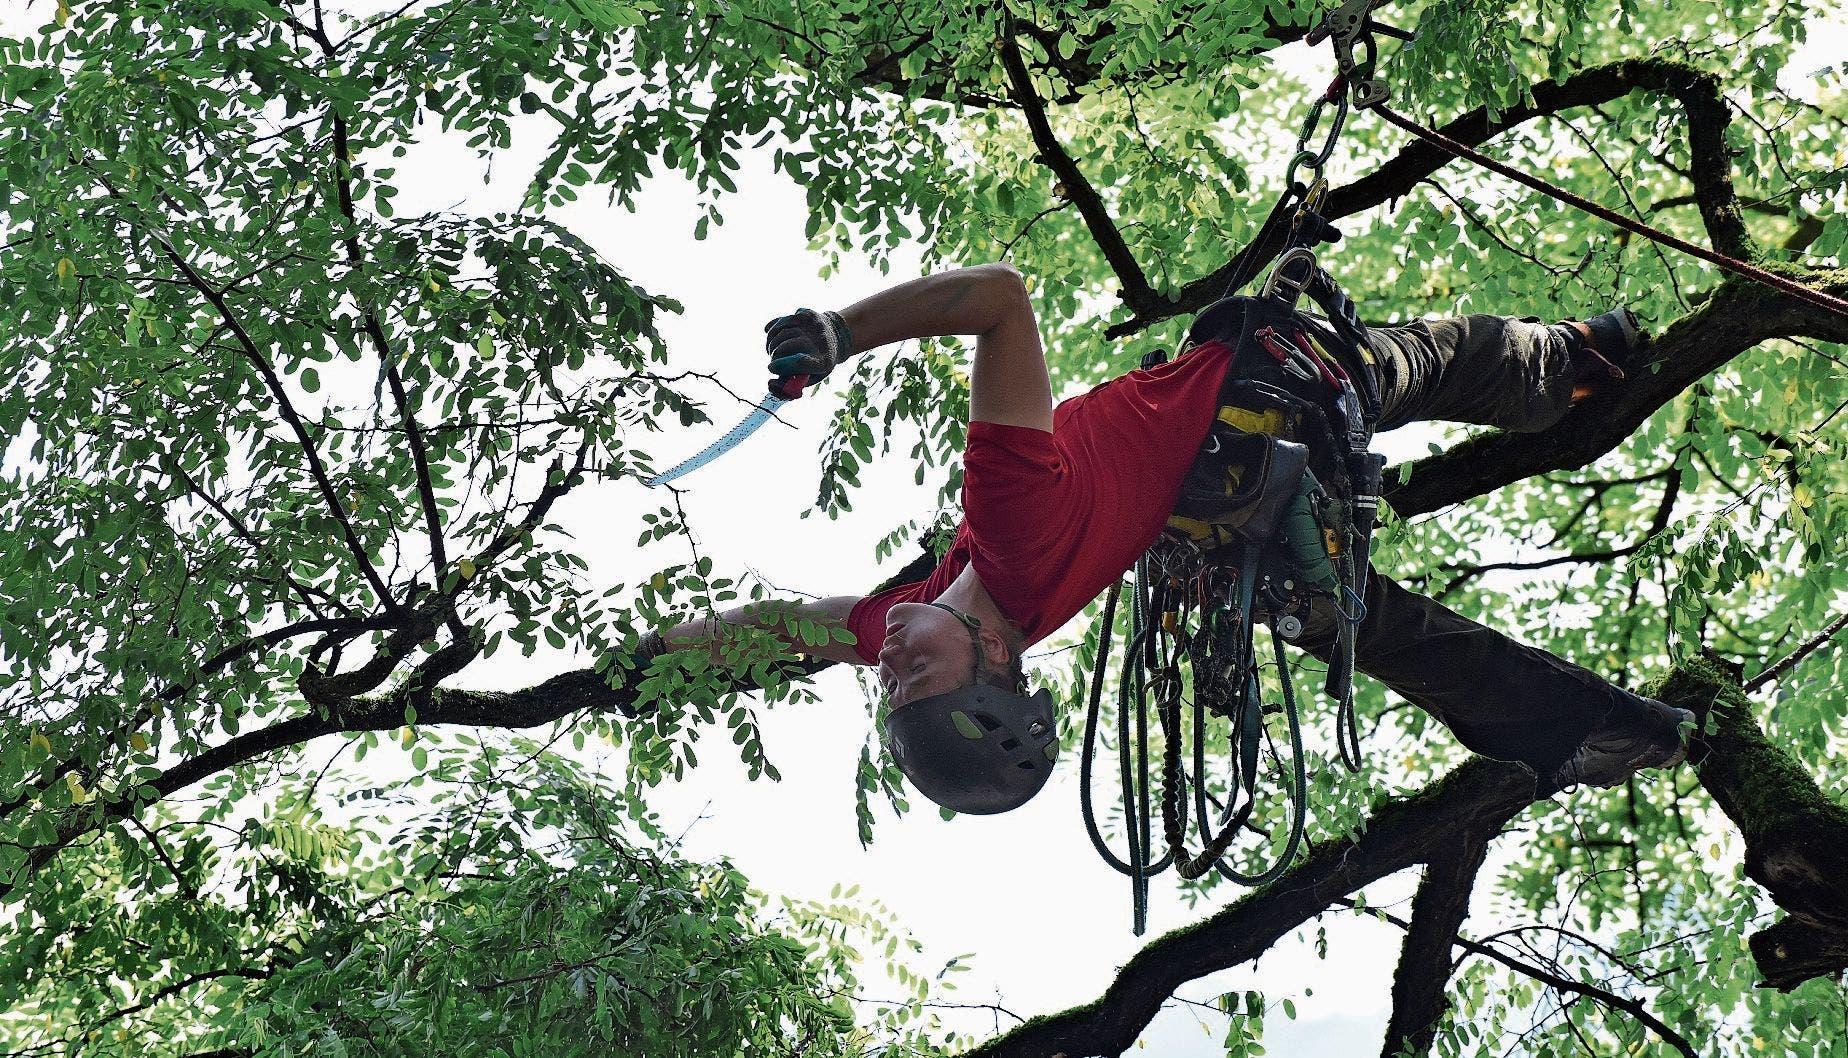 Selbst mit dem Rücken zum Boden in der Robinie hängend können die Baum-Welt-Profis noch arbeiten.